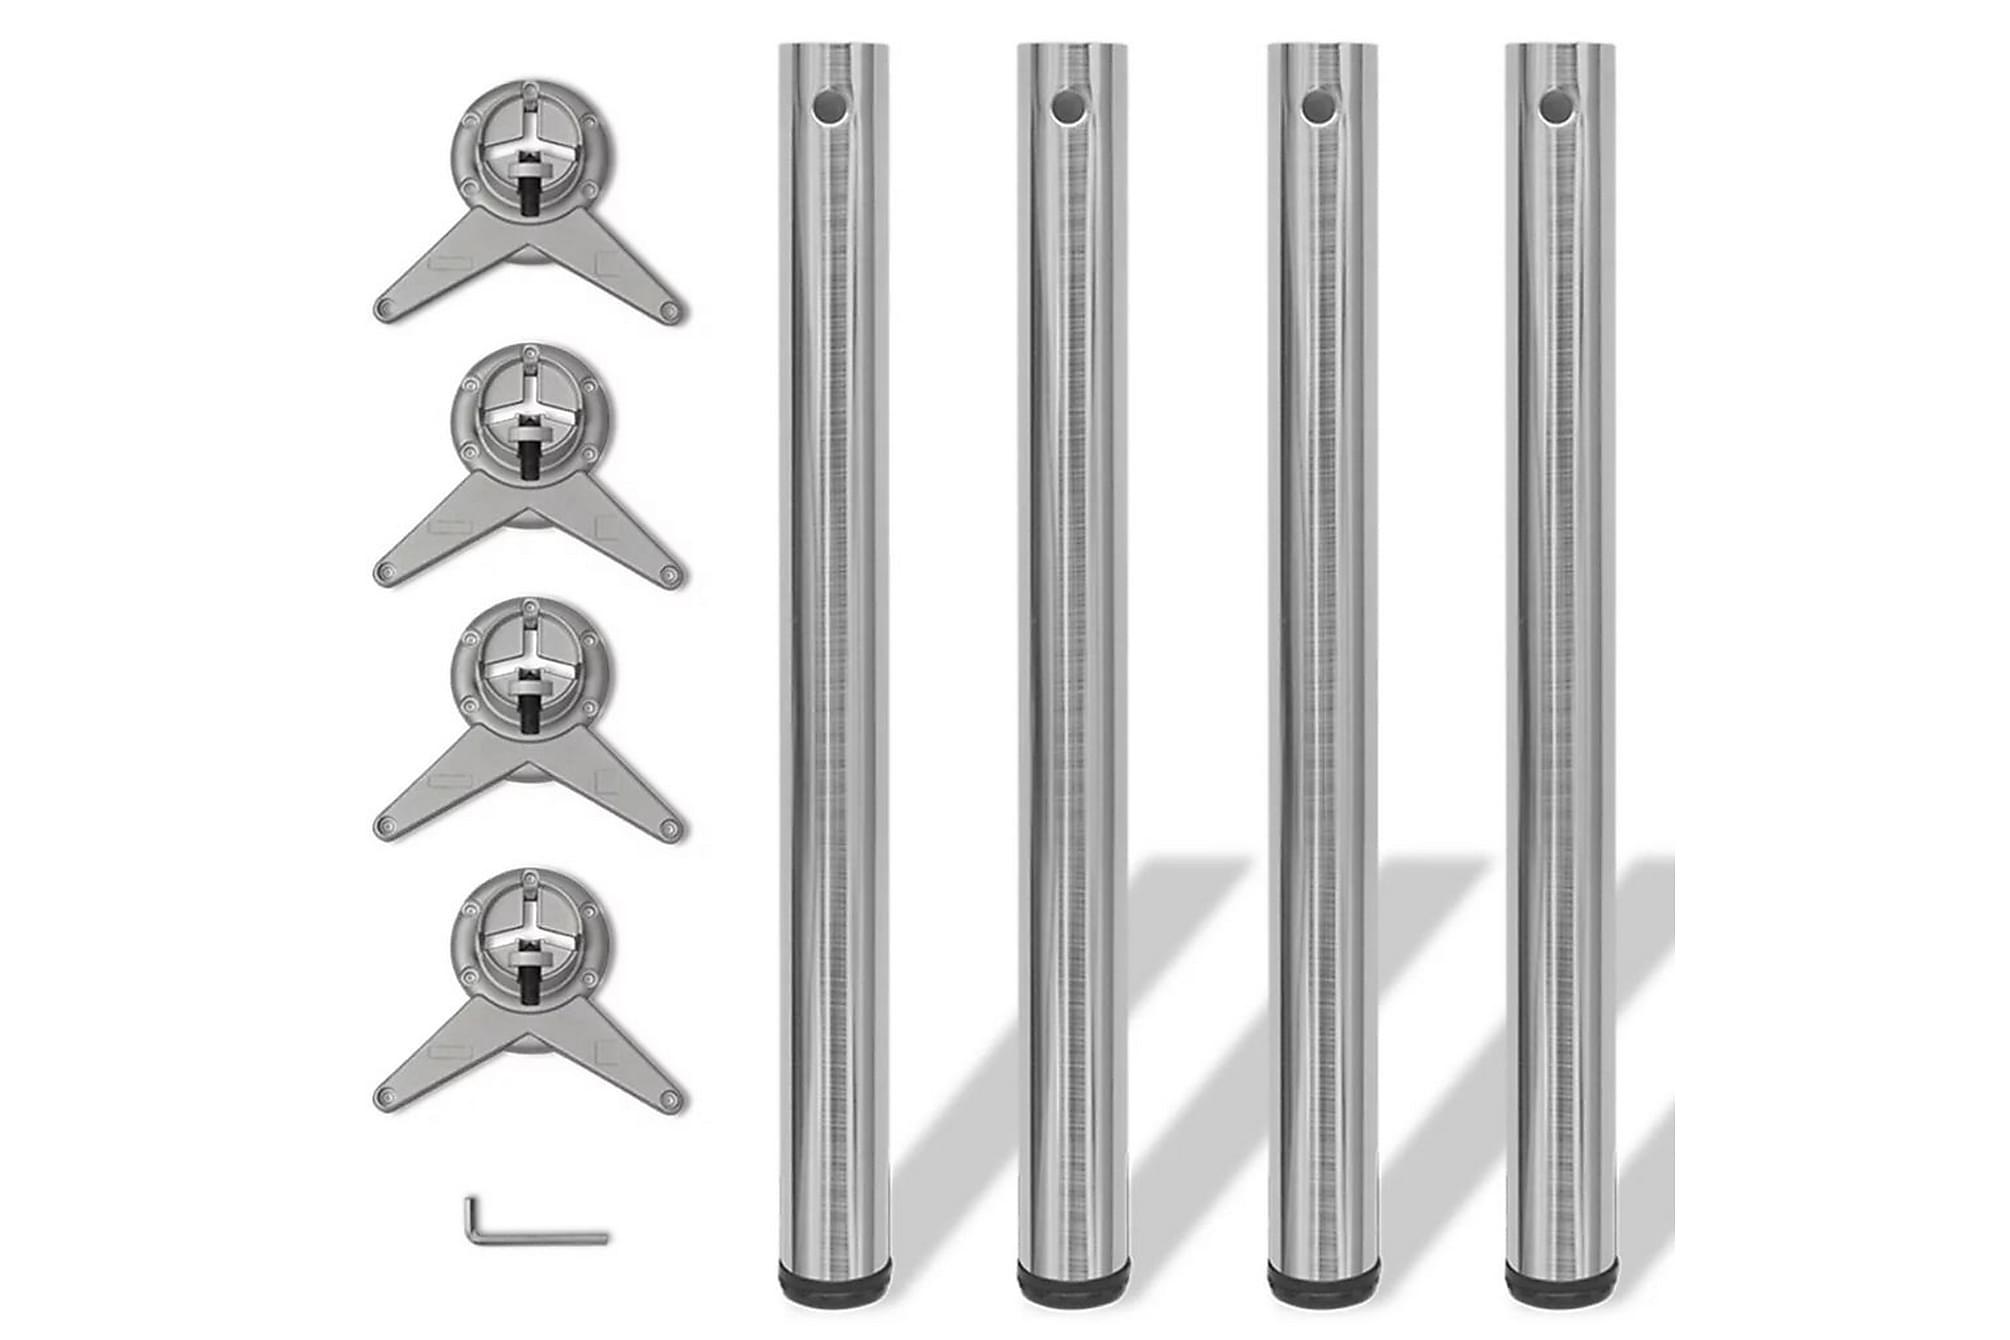 4 Justerbara bordsben i borstad nickel 710 mm, Bordsben & tillbehör